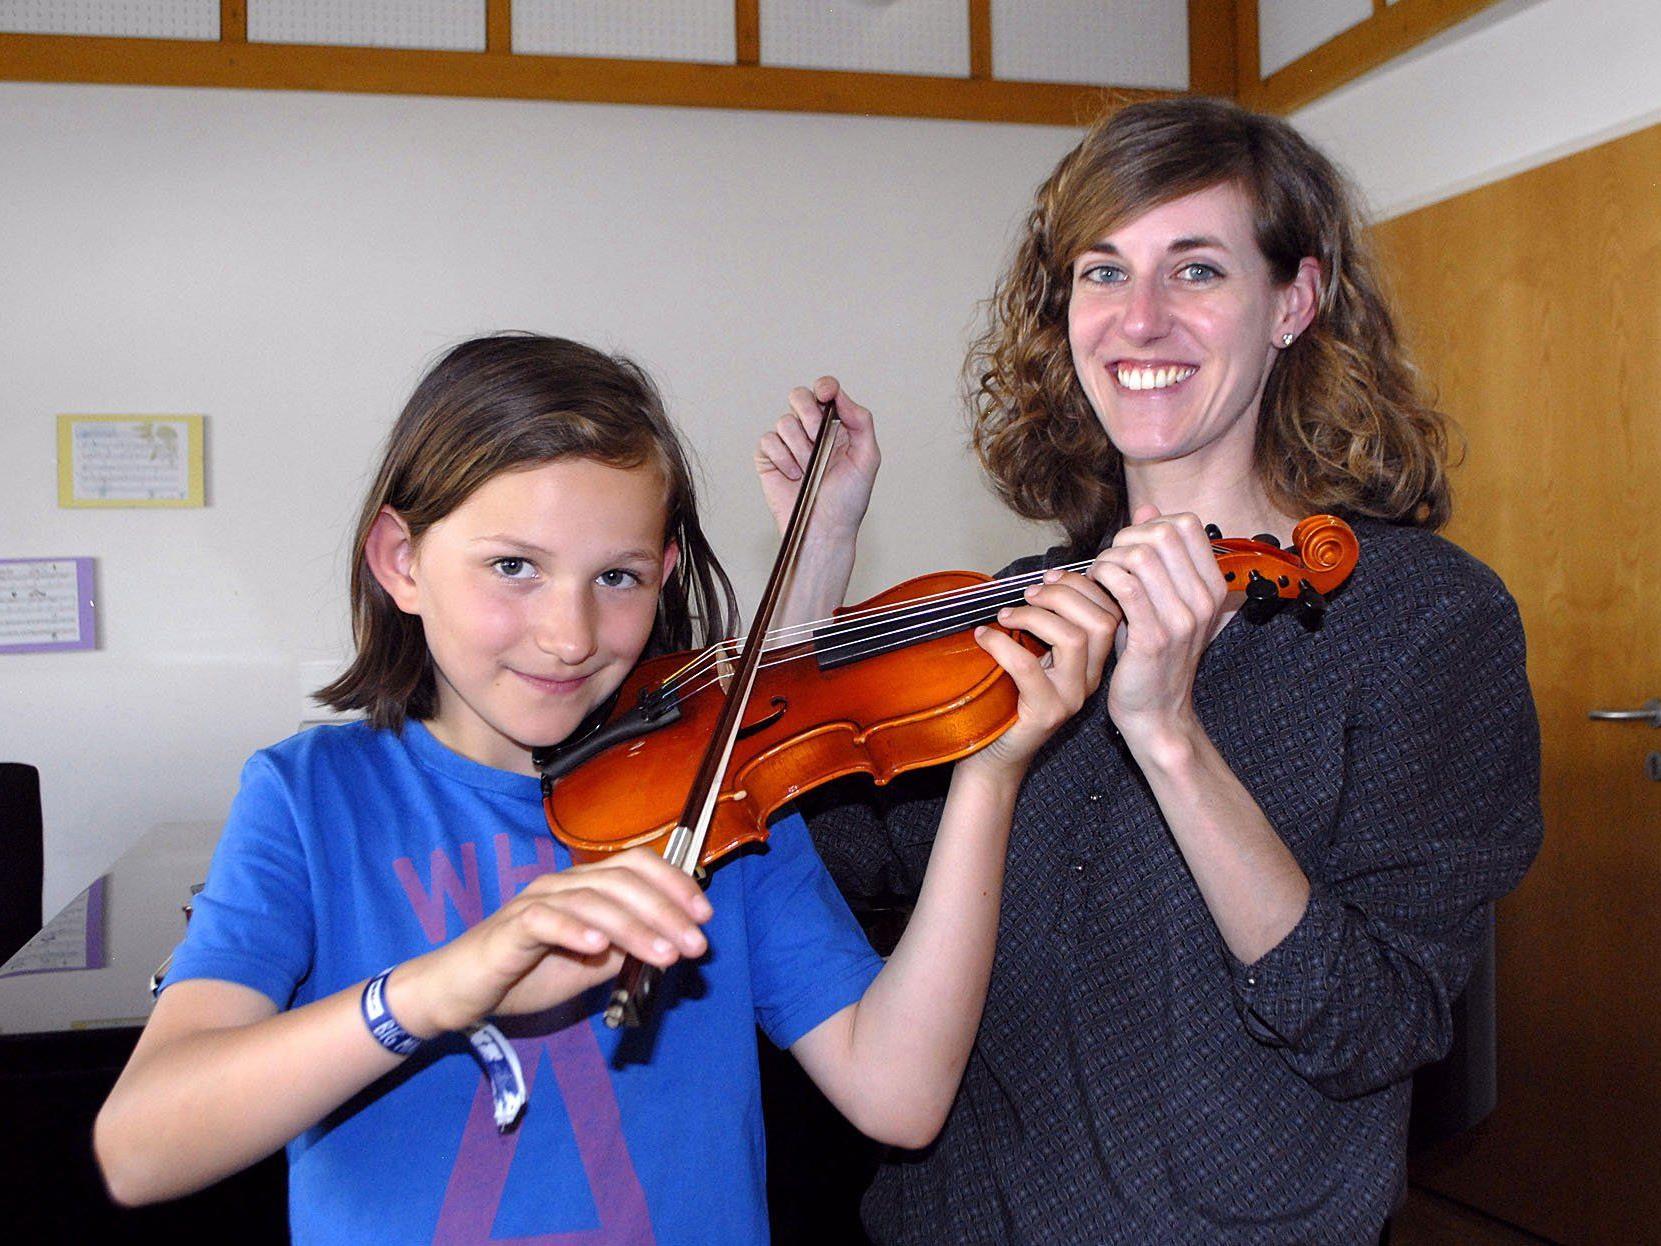 Ein Schnappschuss des diesjährigen Tages der offenen Tür an der Musikschule Hofsteig in Wolfurt